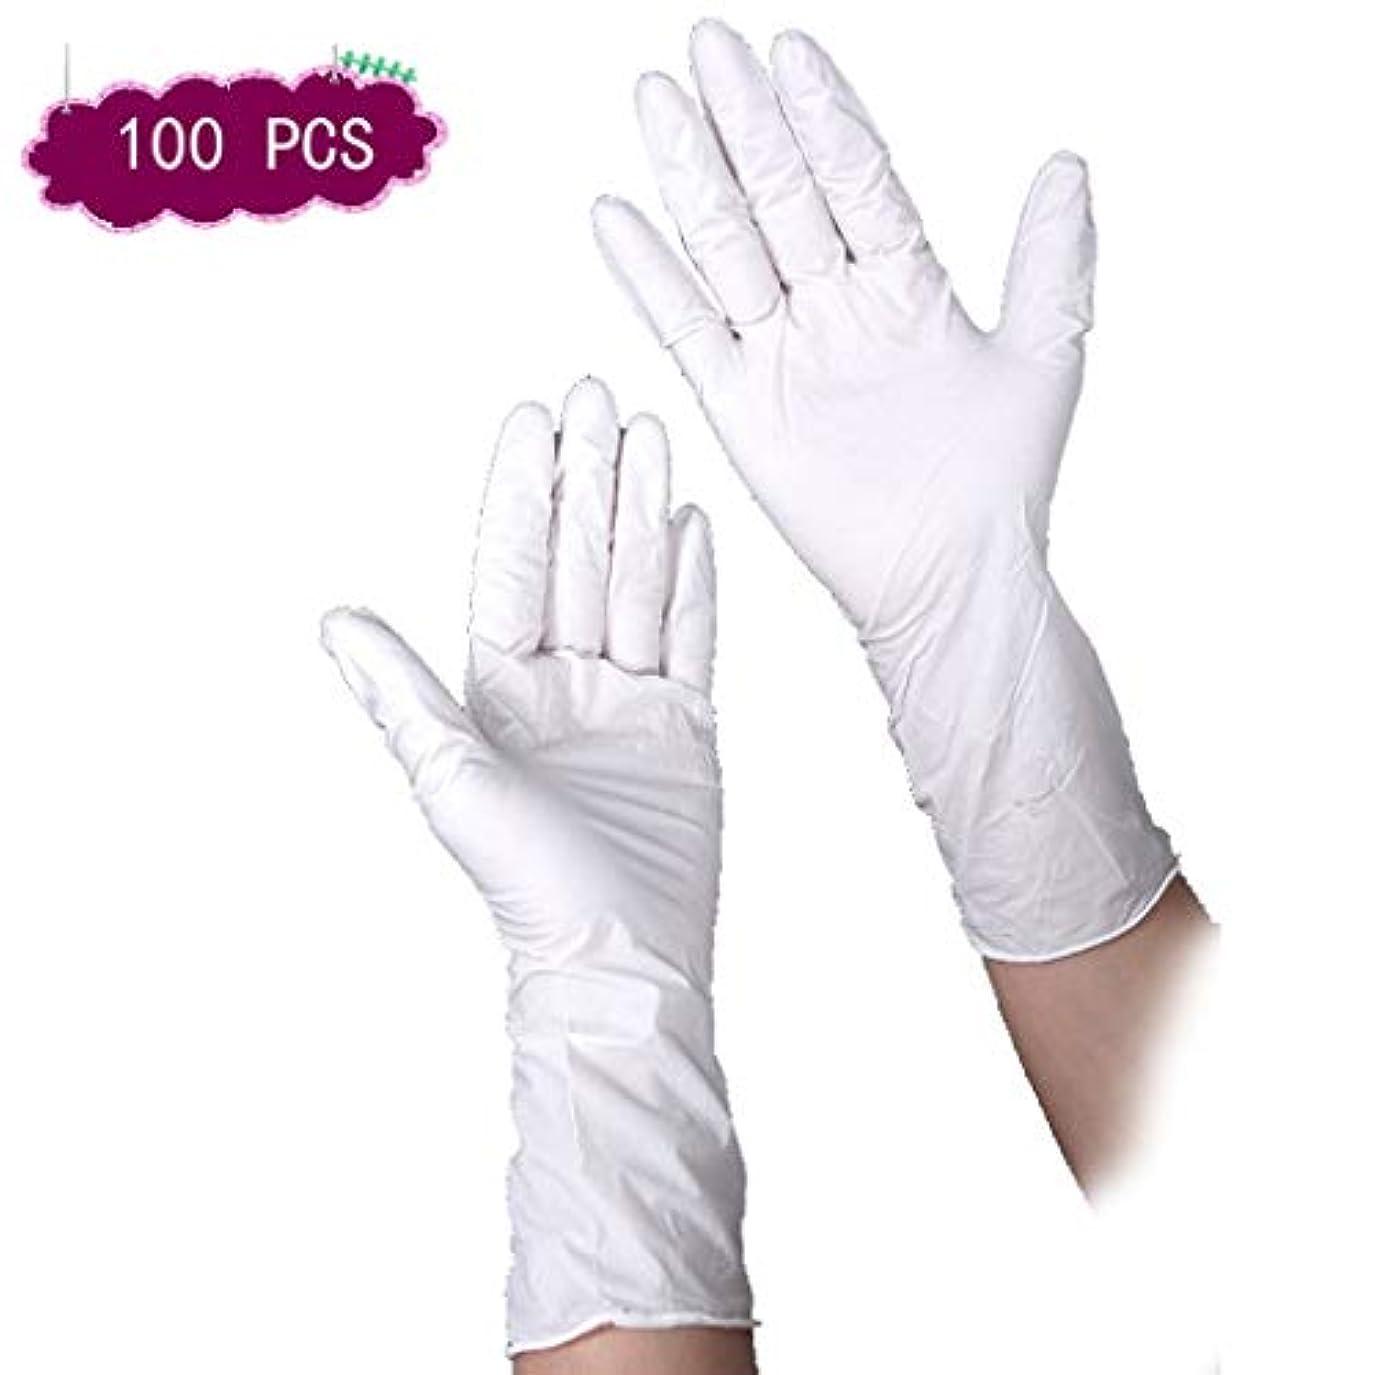 降下武装解除キャベツ使い捨てラテックス手袋ニトリルクリーンルームノンスリップ耐摩耗性に浸漬ゴム手袋アンチオイルタトゥー (Color : 9 inch, Size : M)